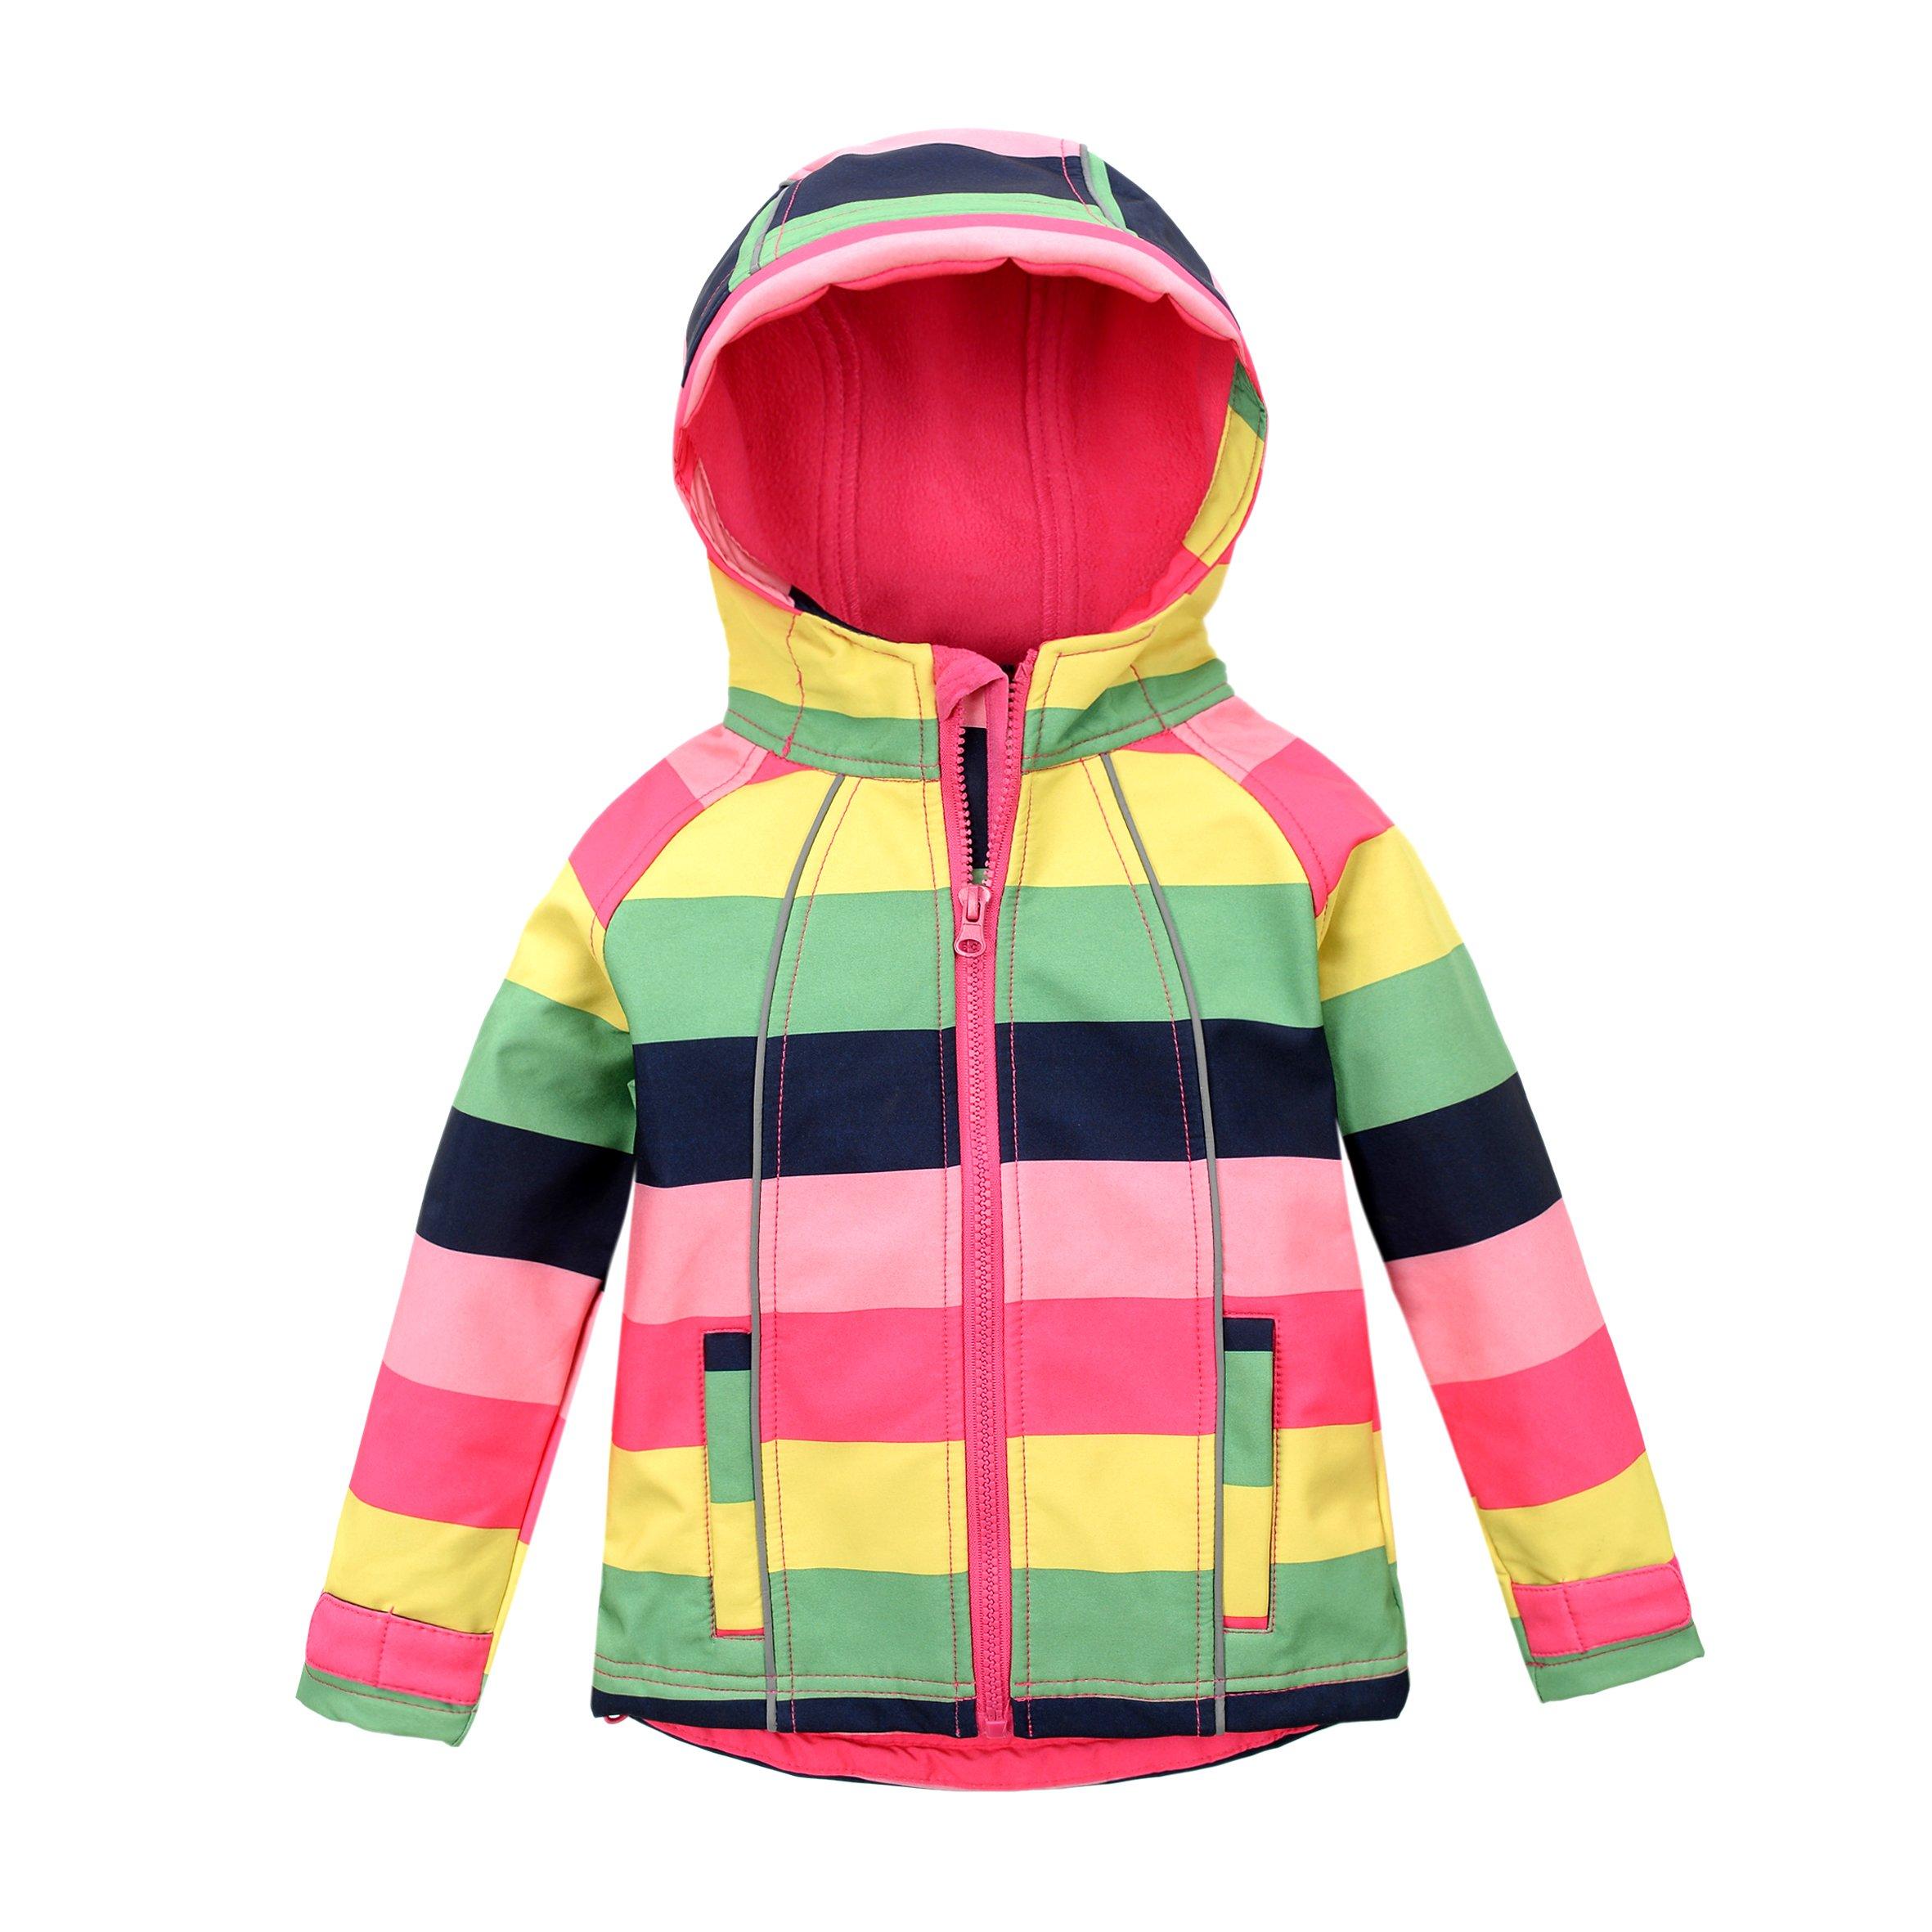 M2C Girls Hooded Fleece Jacket Striped Windproof Softshell Windbreaker 4T Red by M2C